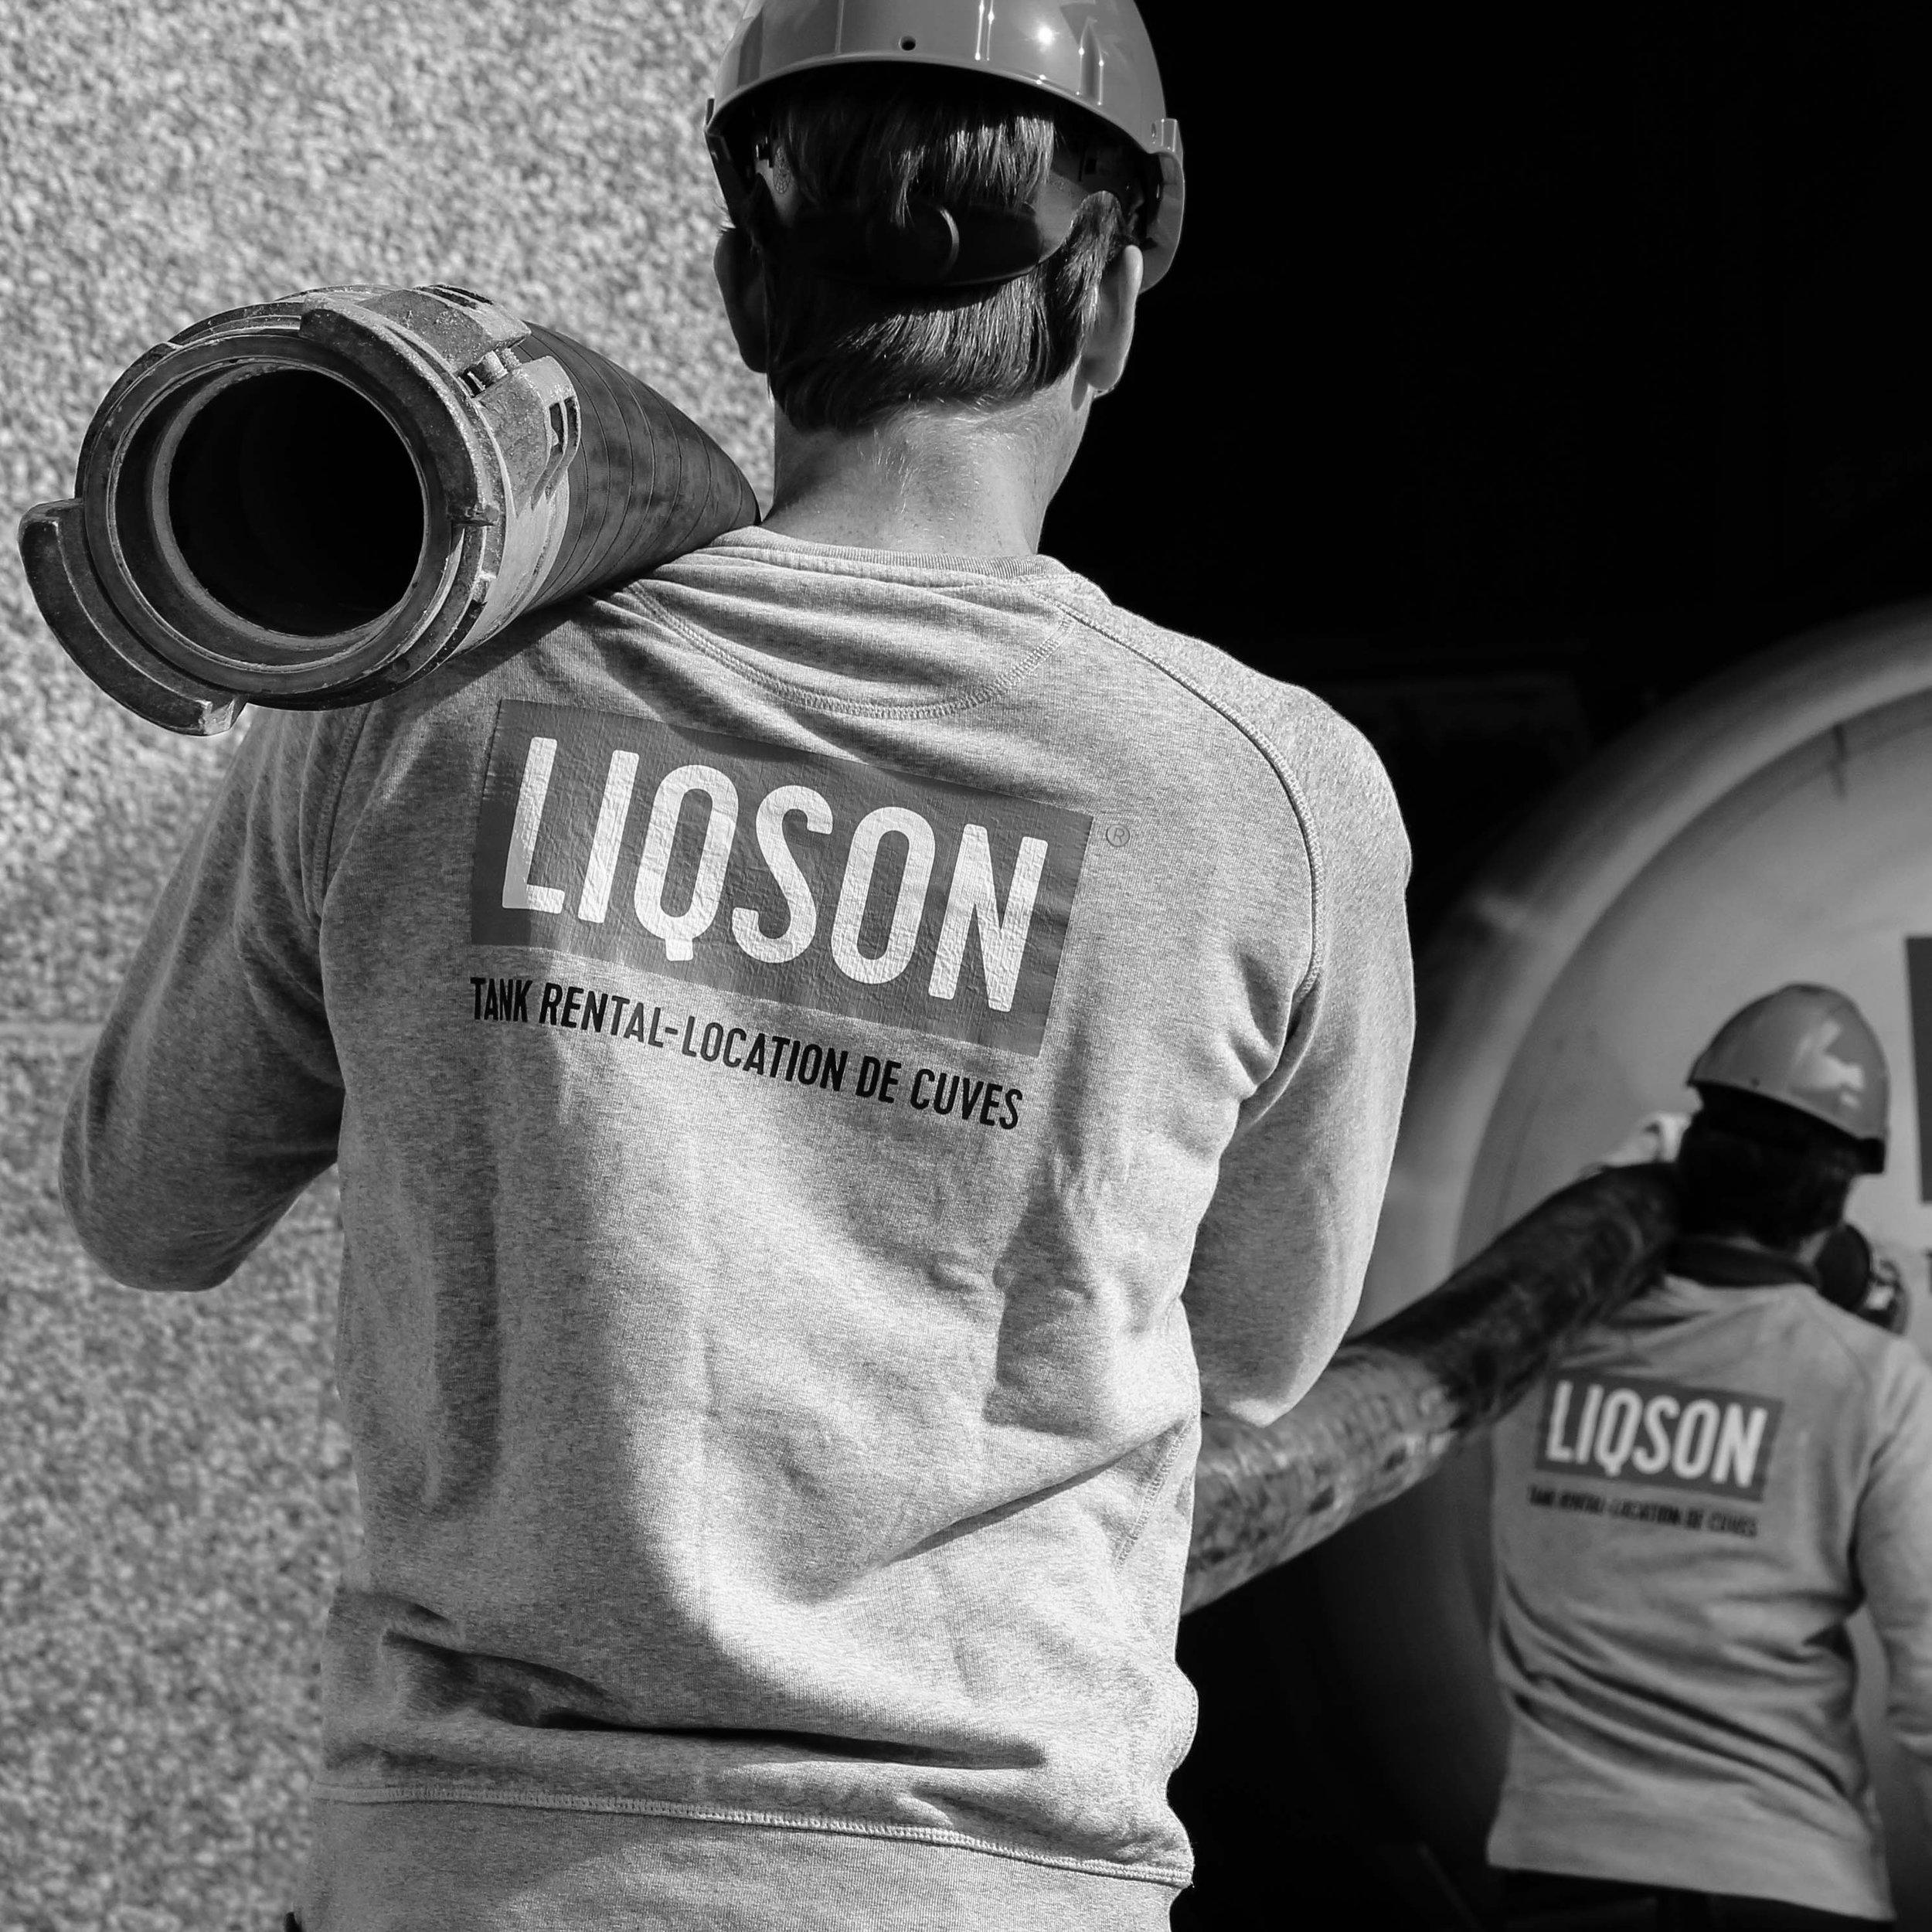 LIQSON 24/7 Tanks beschikbaar